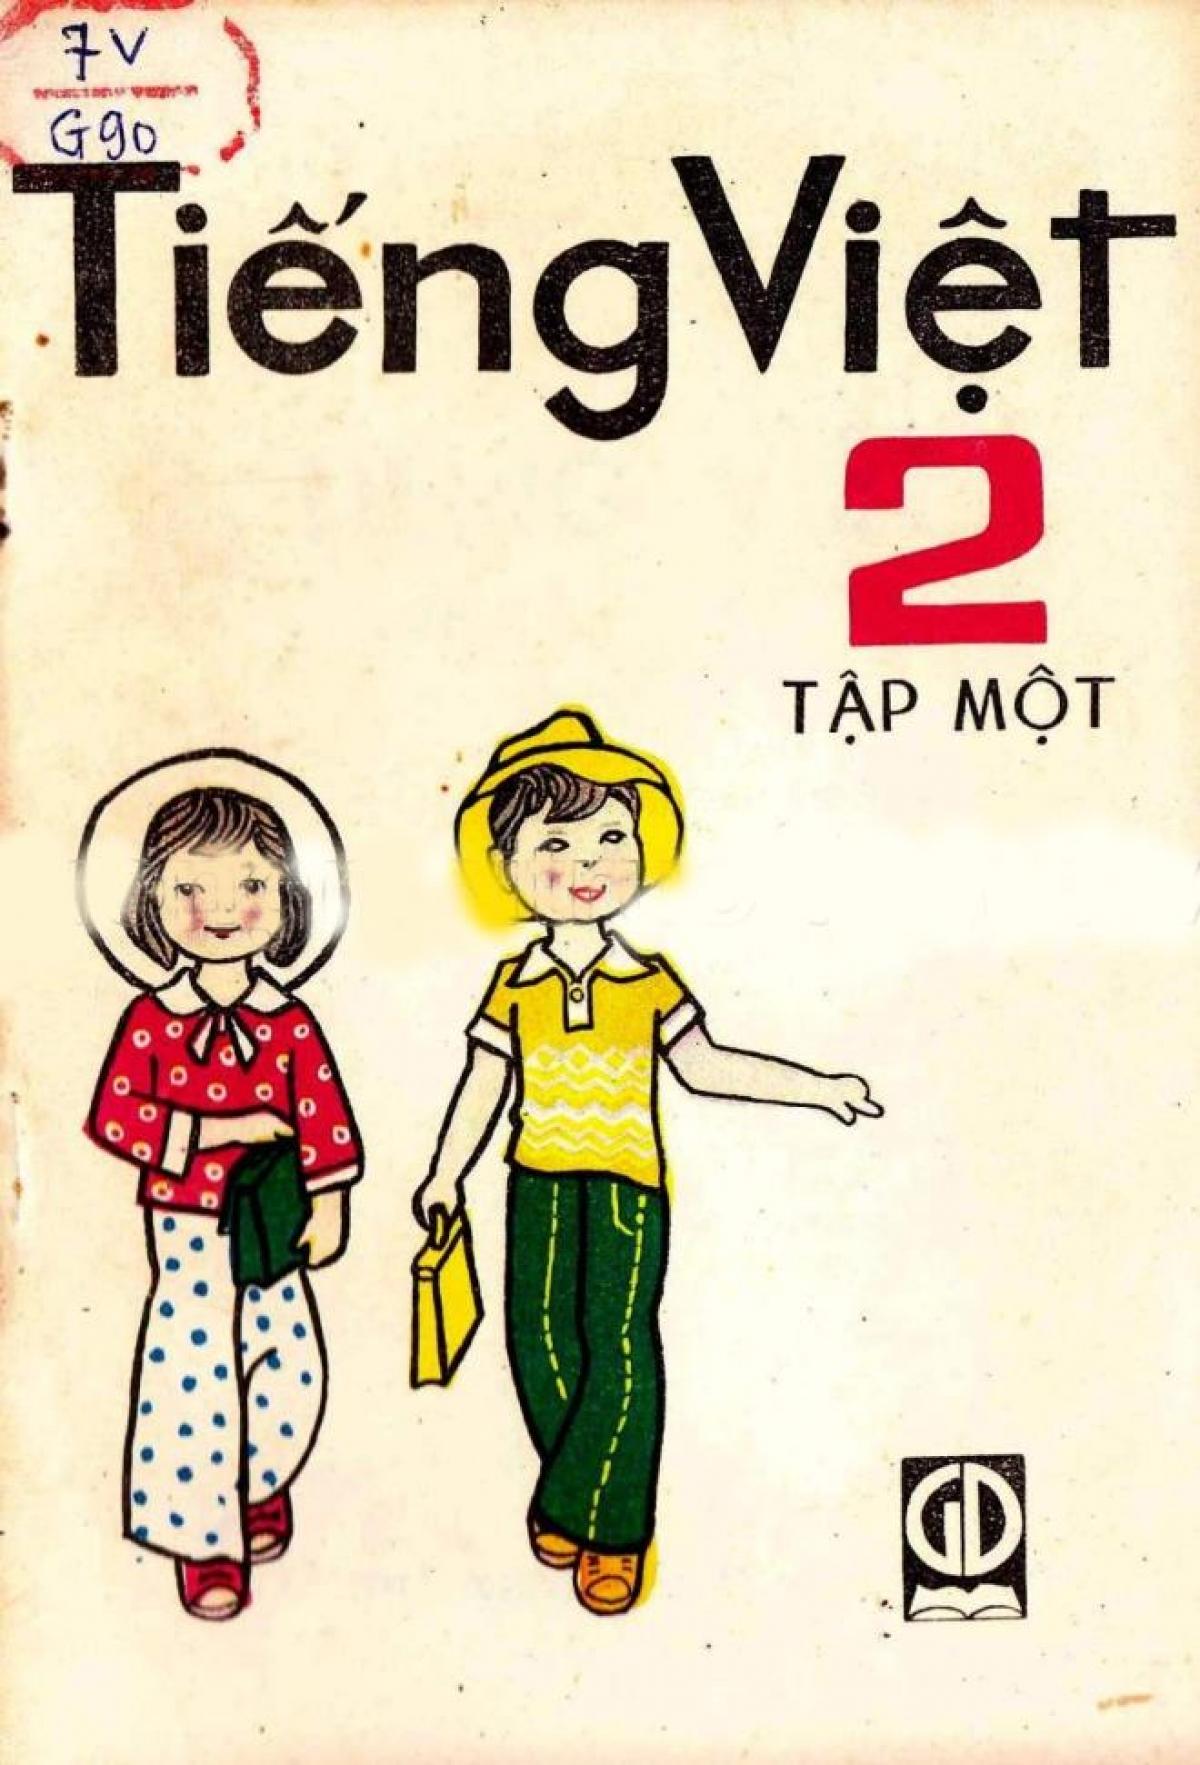 Sách Tiếng Việt lớp 2 tập 1, xuất bản năm 1988. Thập kỷ 1980, học sinh lớp 2-3 được học môn Tiếng Việt thay cho môn Tập đọc trước đó.